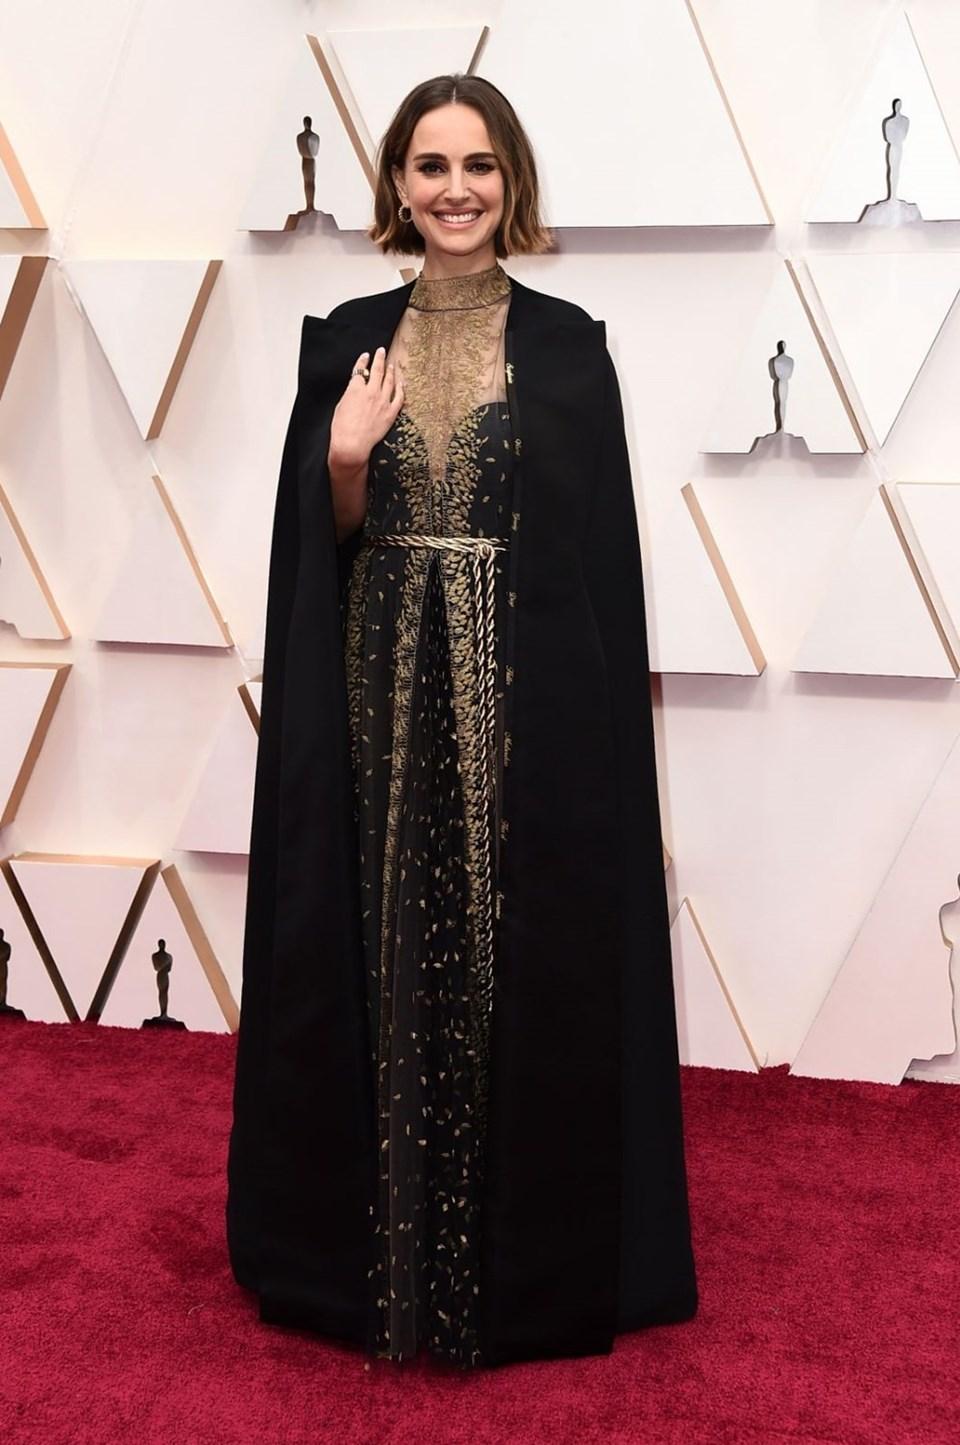 Natalie Portman kadın yönetmenlerin adlarının yazılı olduğu ceketiyle kırmızı halıya damga vurdu